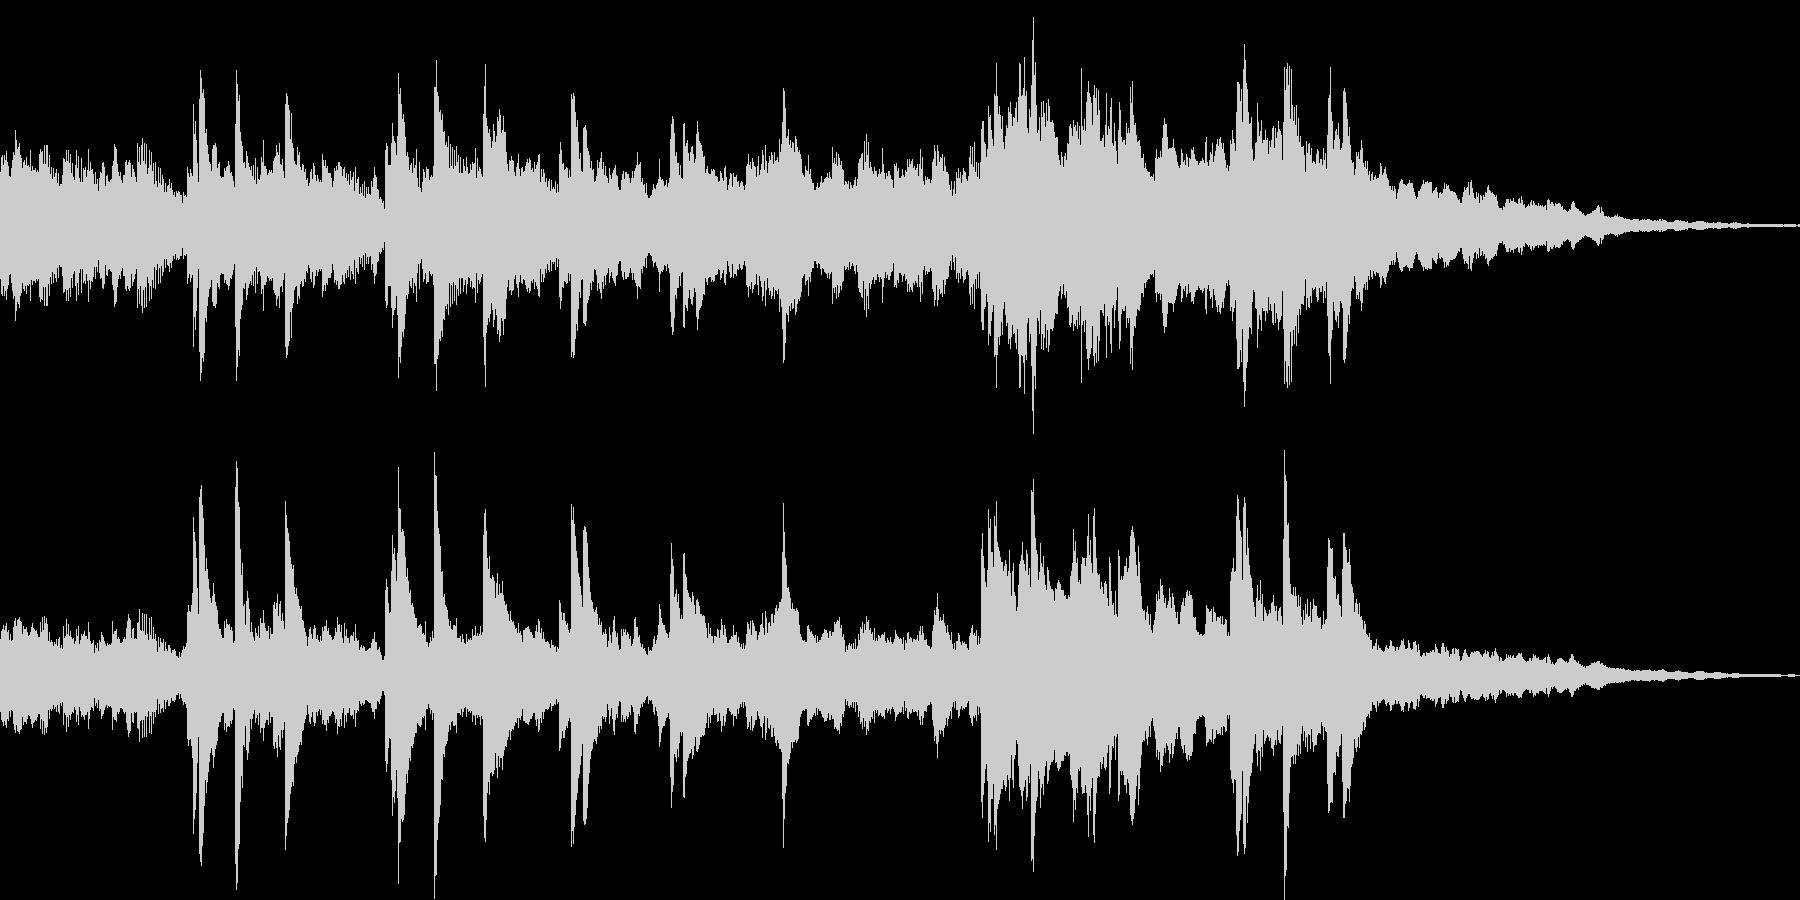 ピアノの音色が重なる美しいインストの未再生の波形